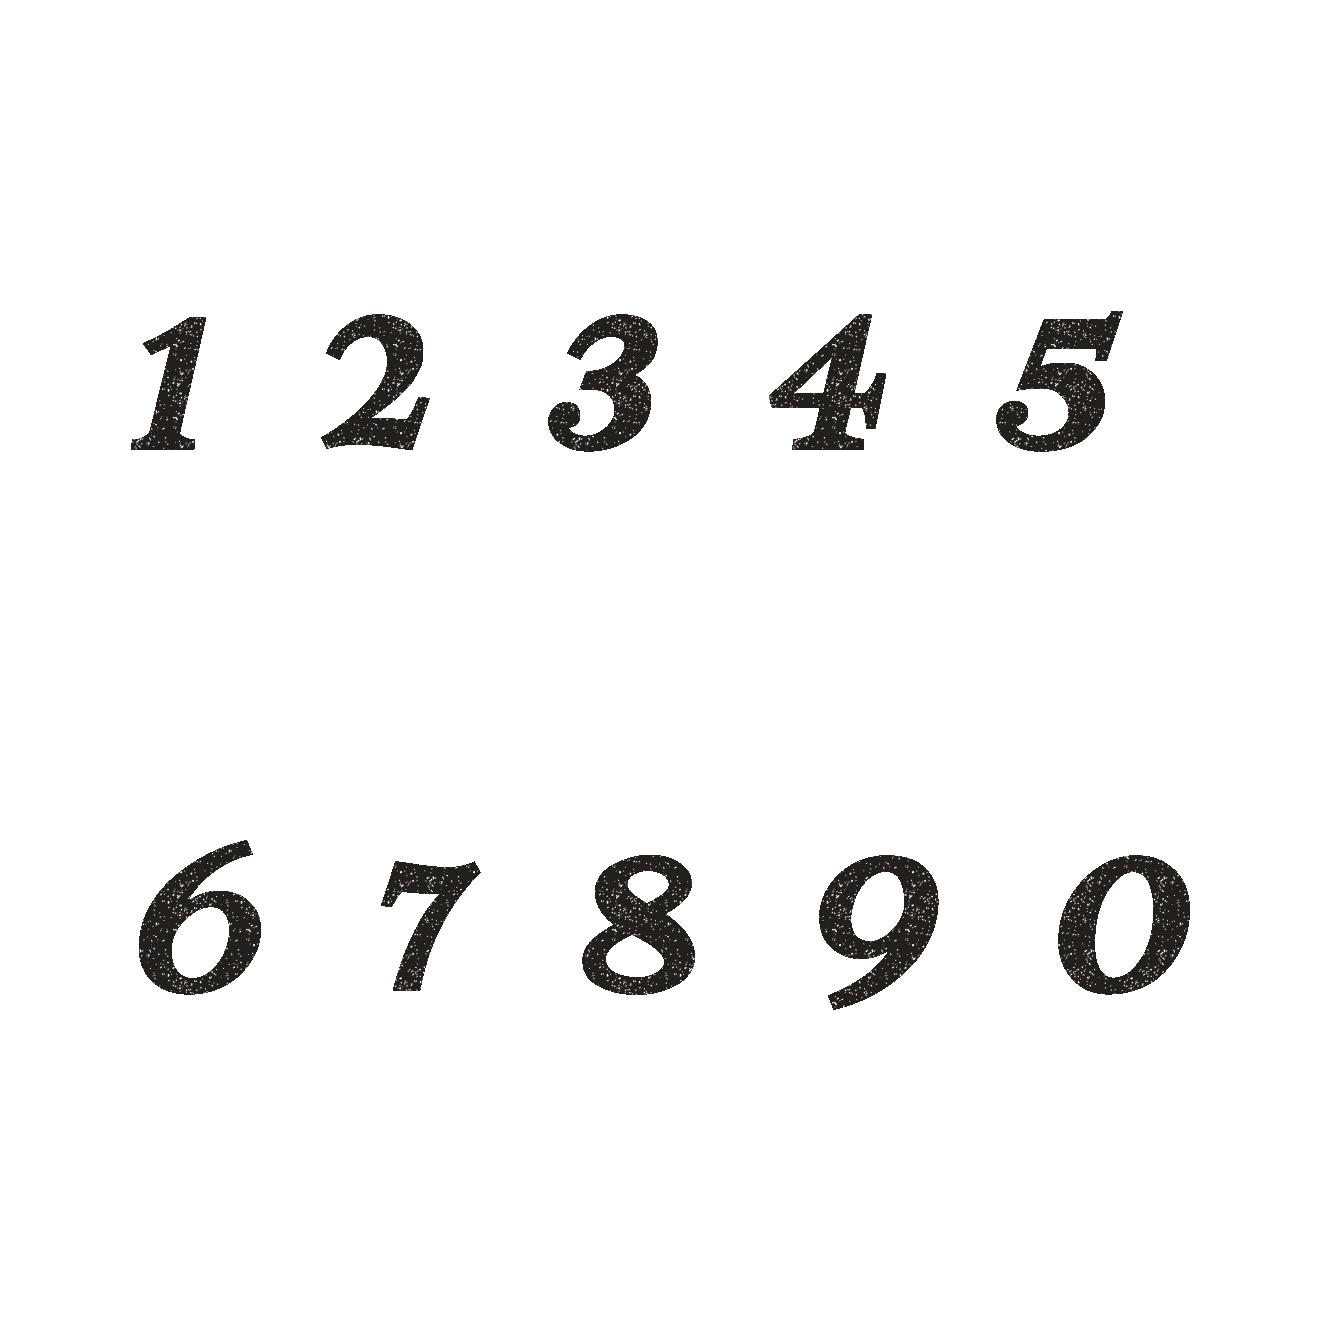 オシャレで印象的な数字のスタンプ!イラスト | 商用フリー(無料)の